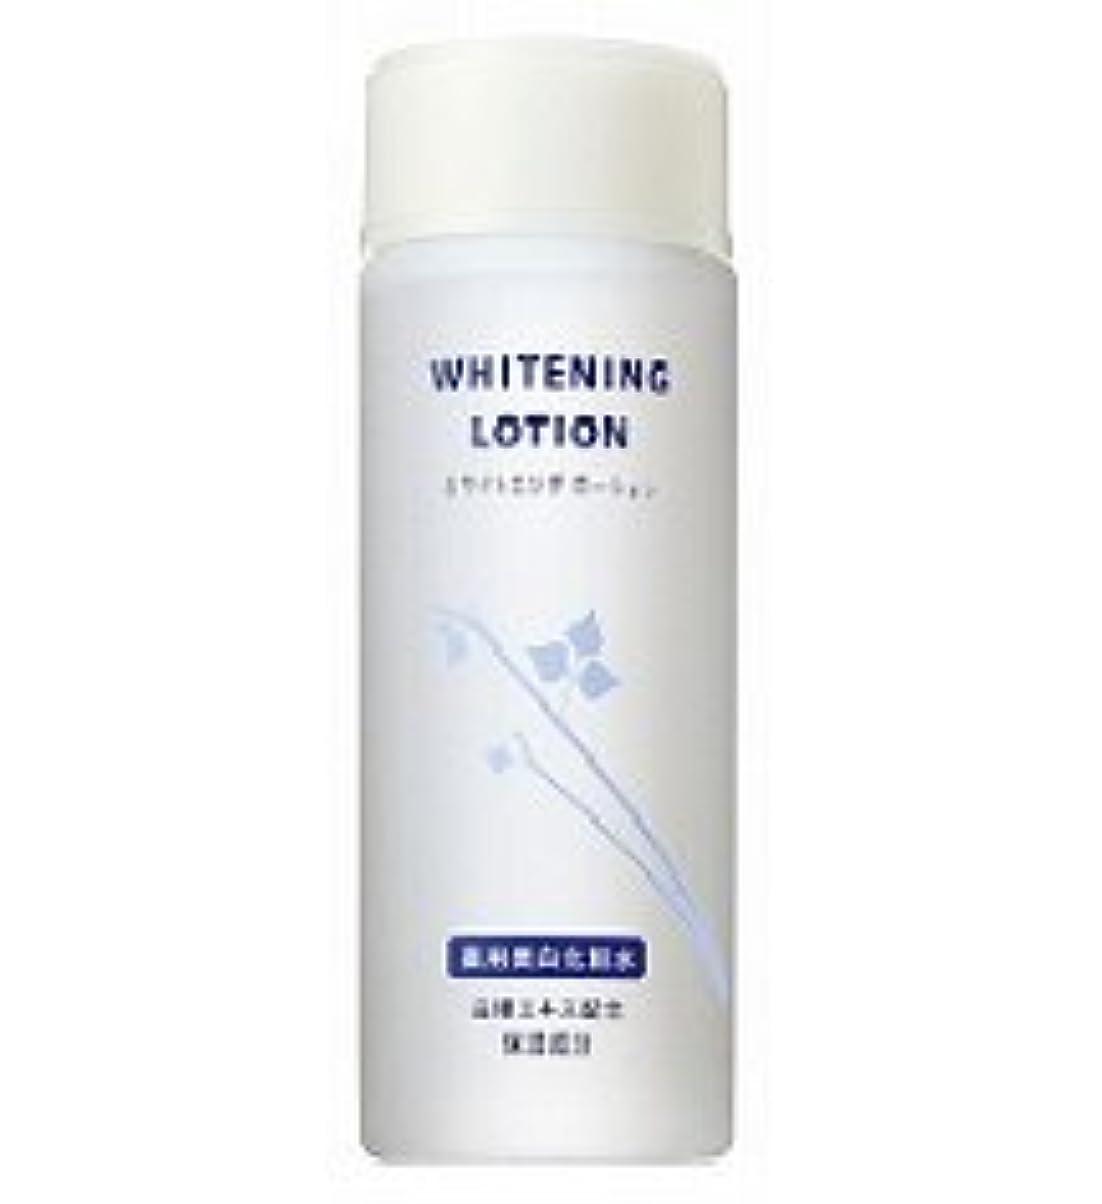 交換リスク援助エイボン (AVON) 美白化粧水 ホワイトニング ローション 150ml 【医学部外品】